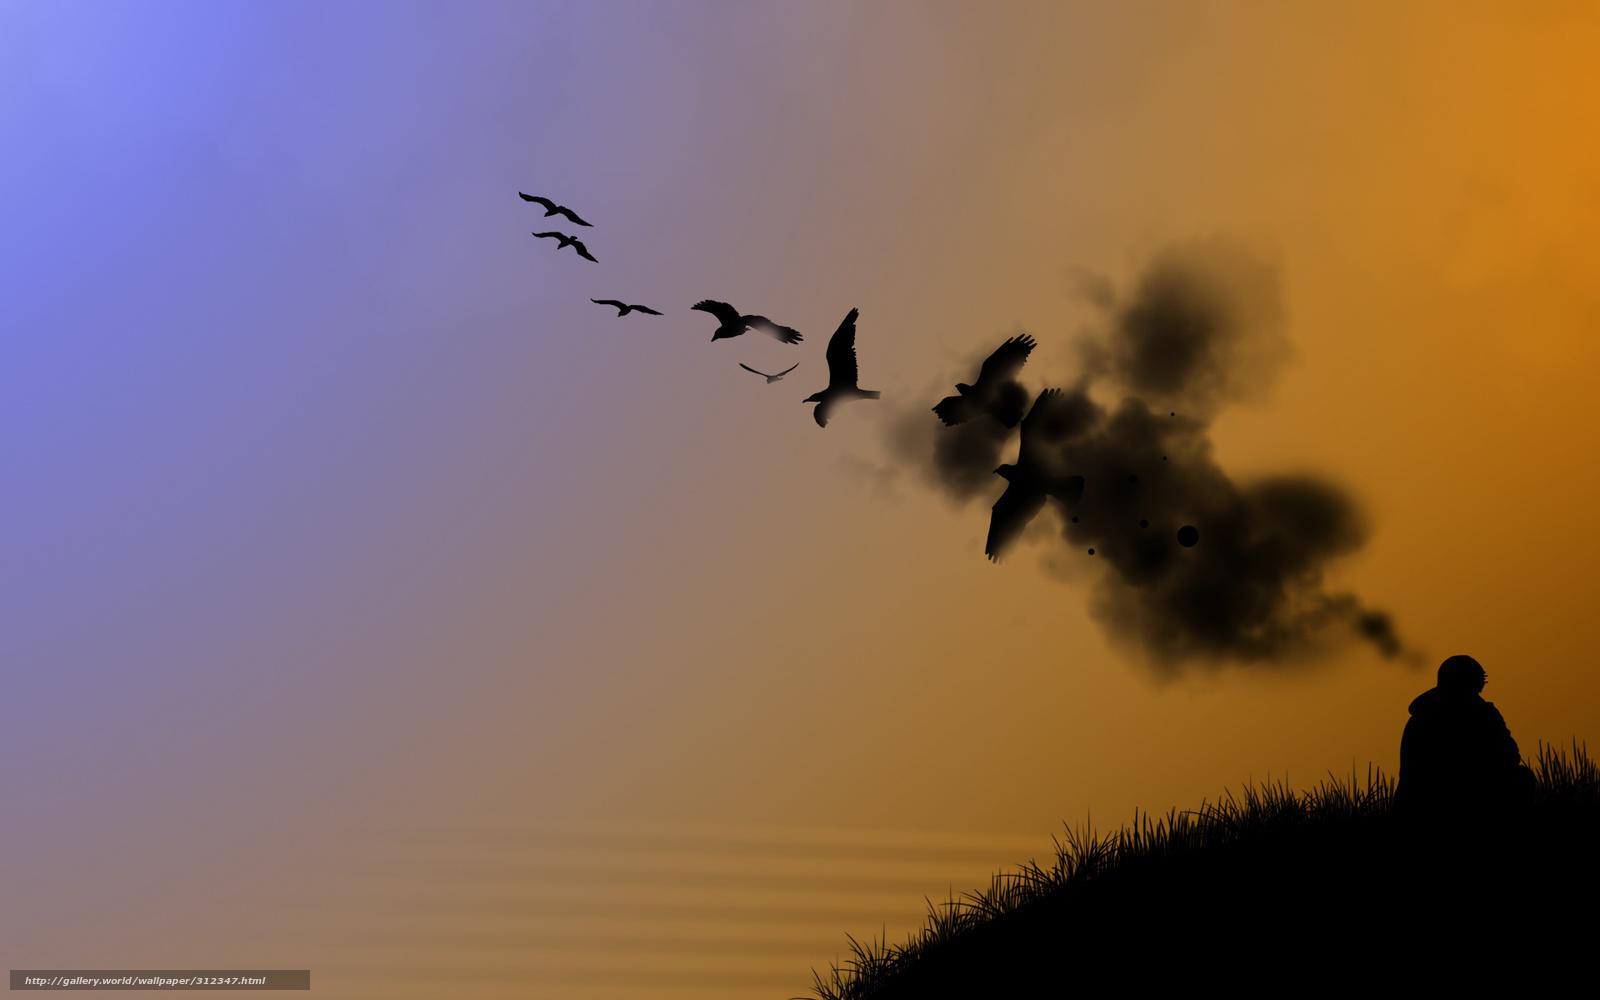 Tlcharger Fond D'ecran Chasseur, Orange, Ciel, Oiseaux